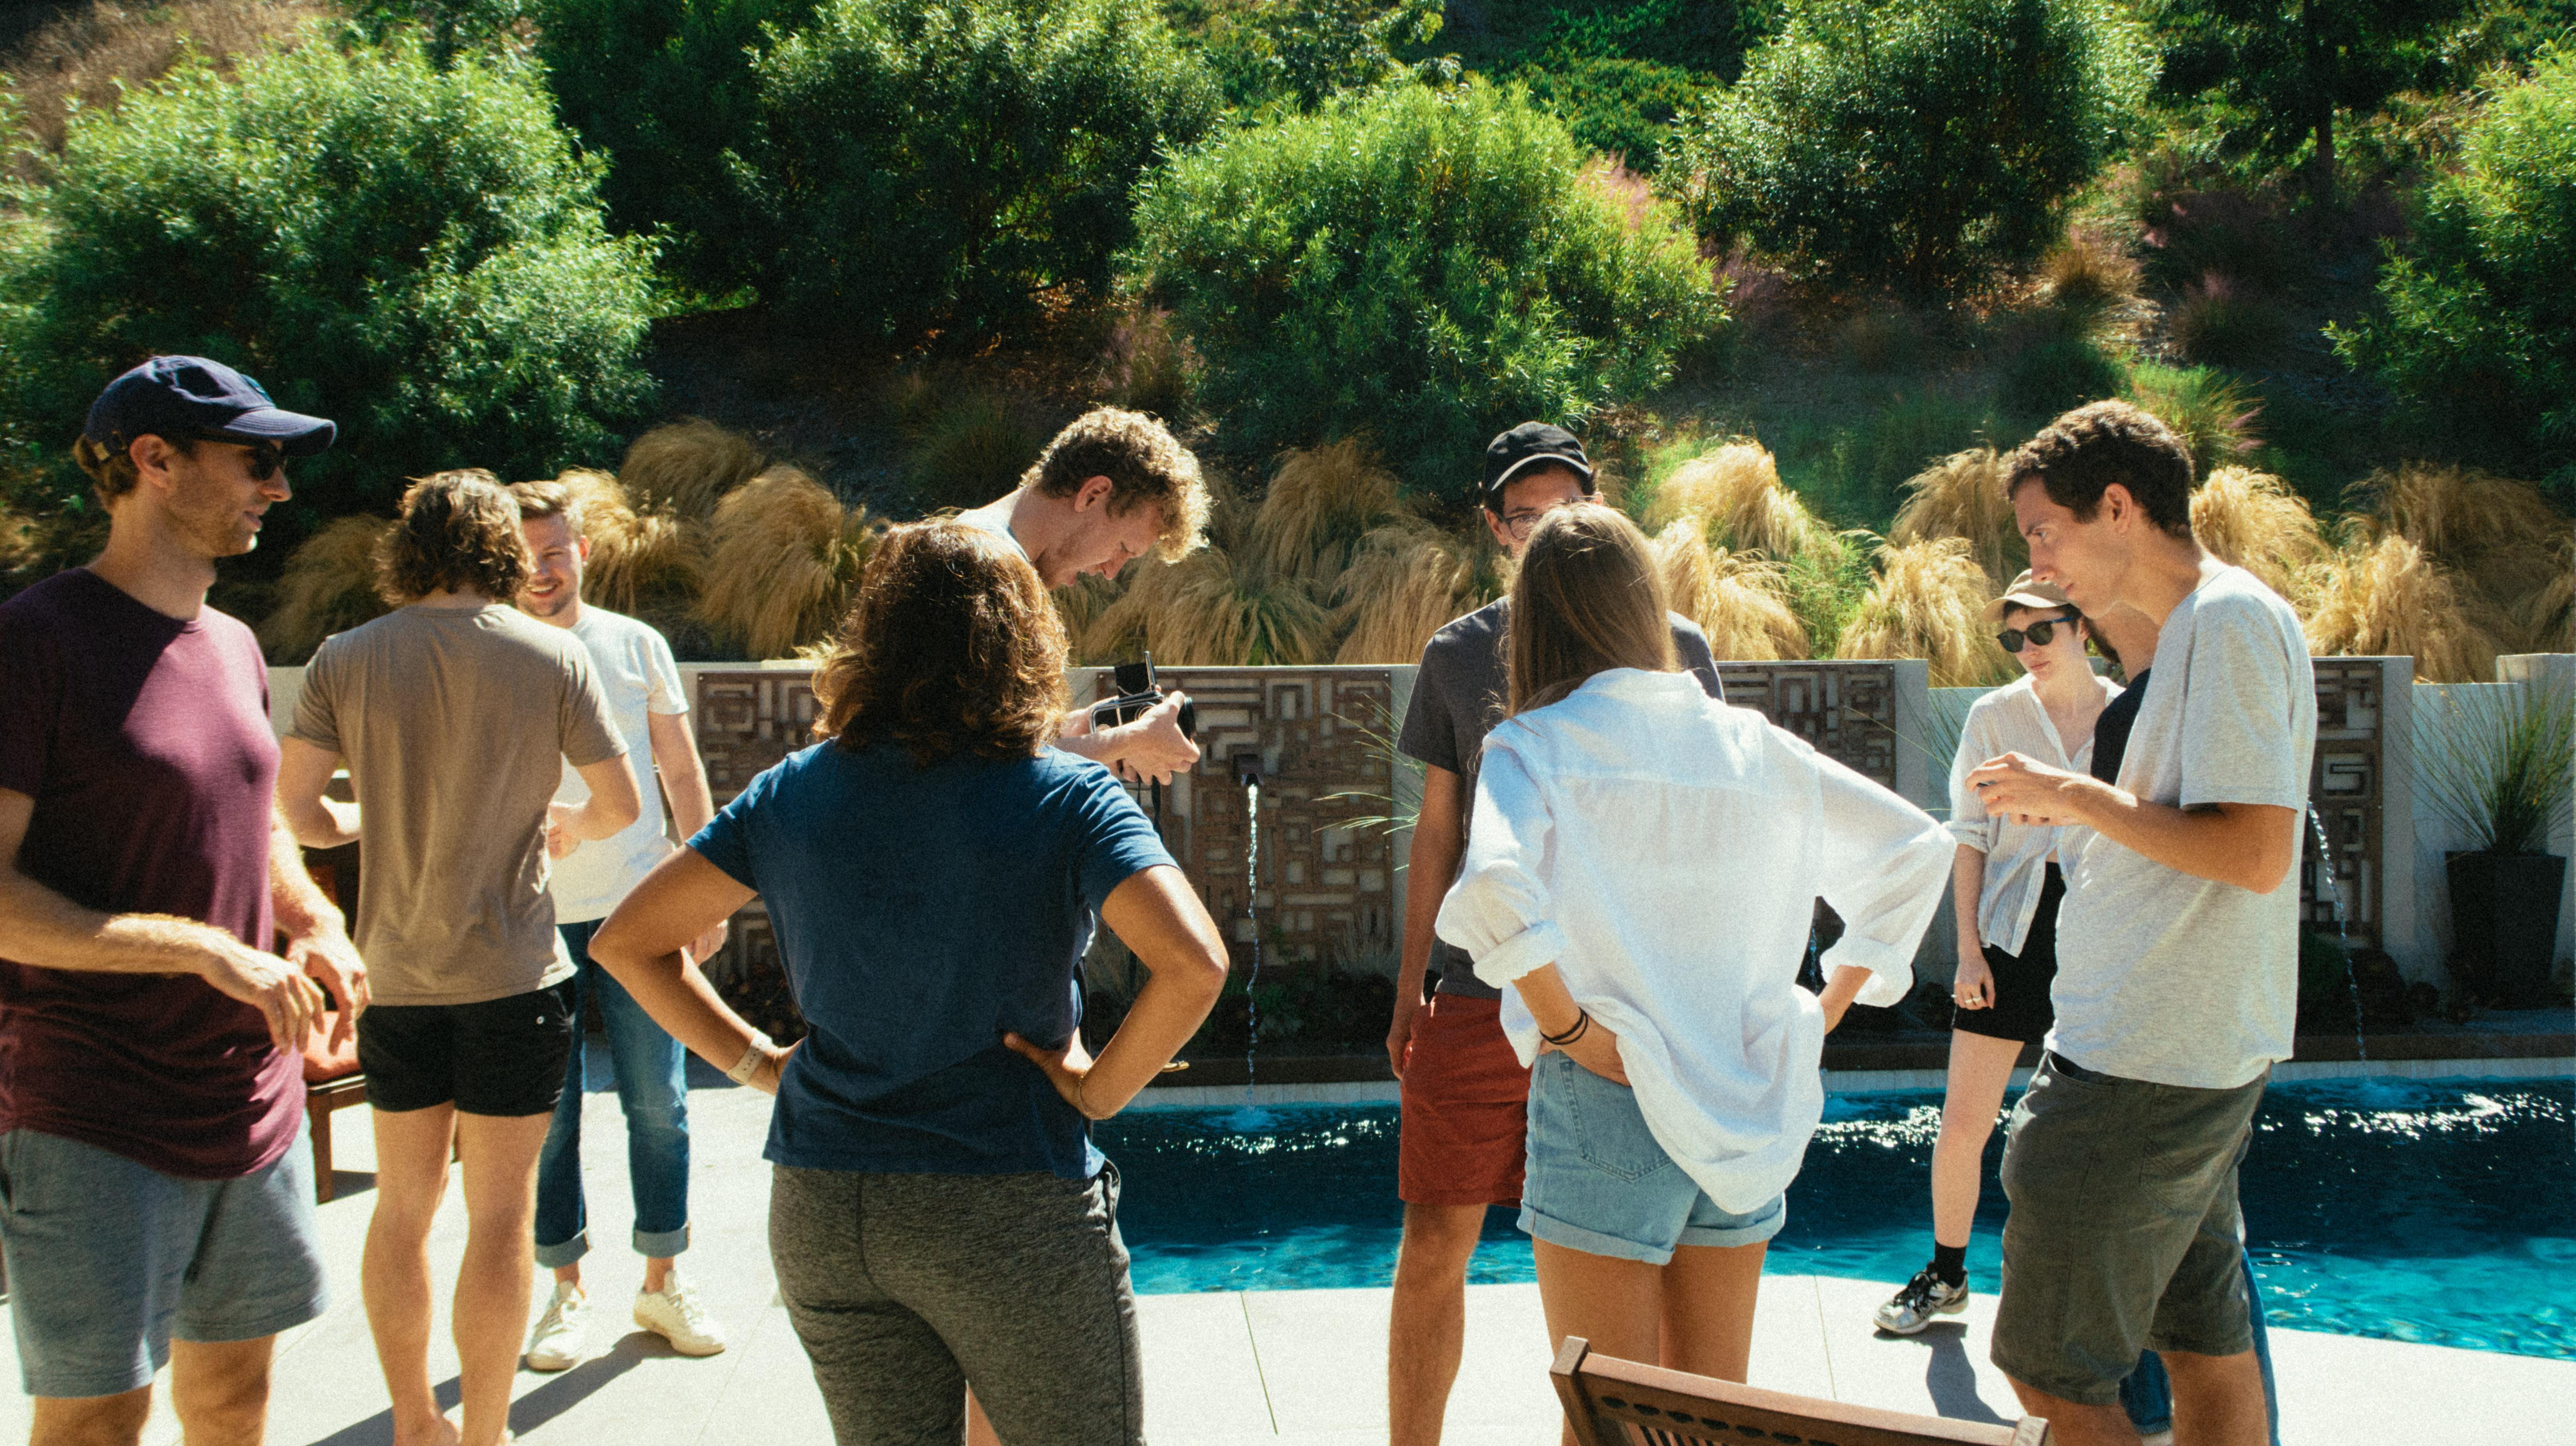 People Standing Beside Pool